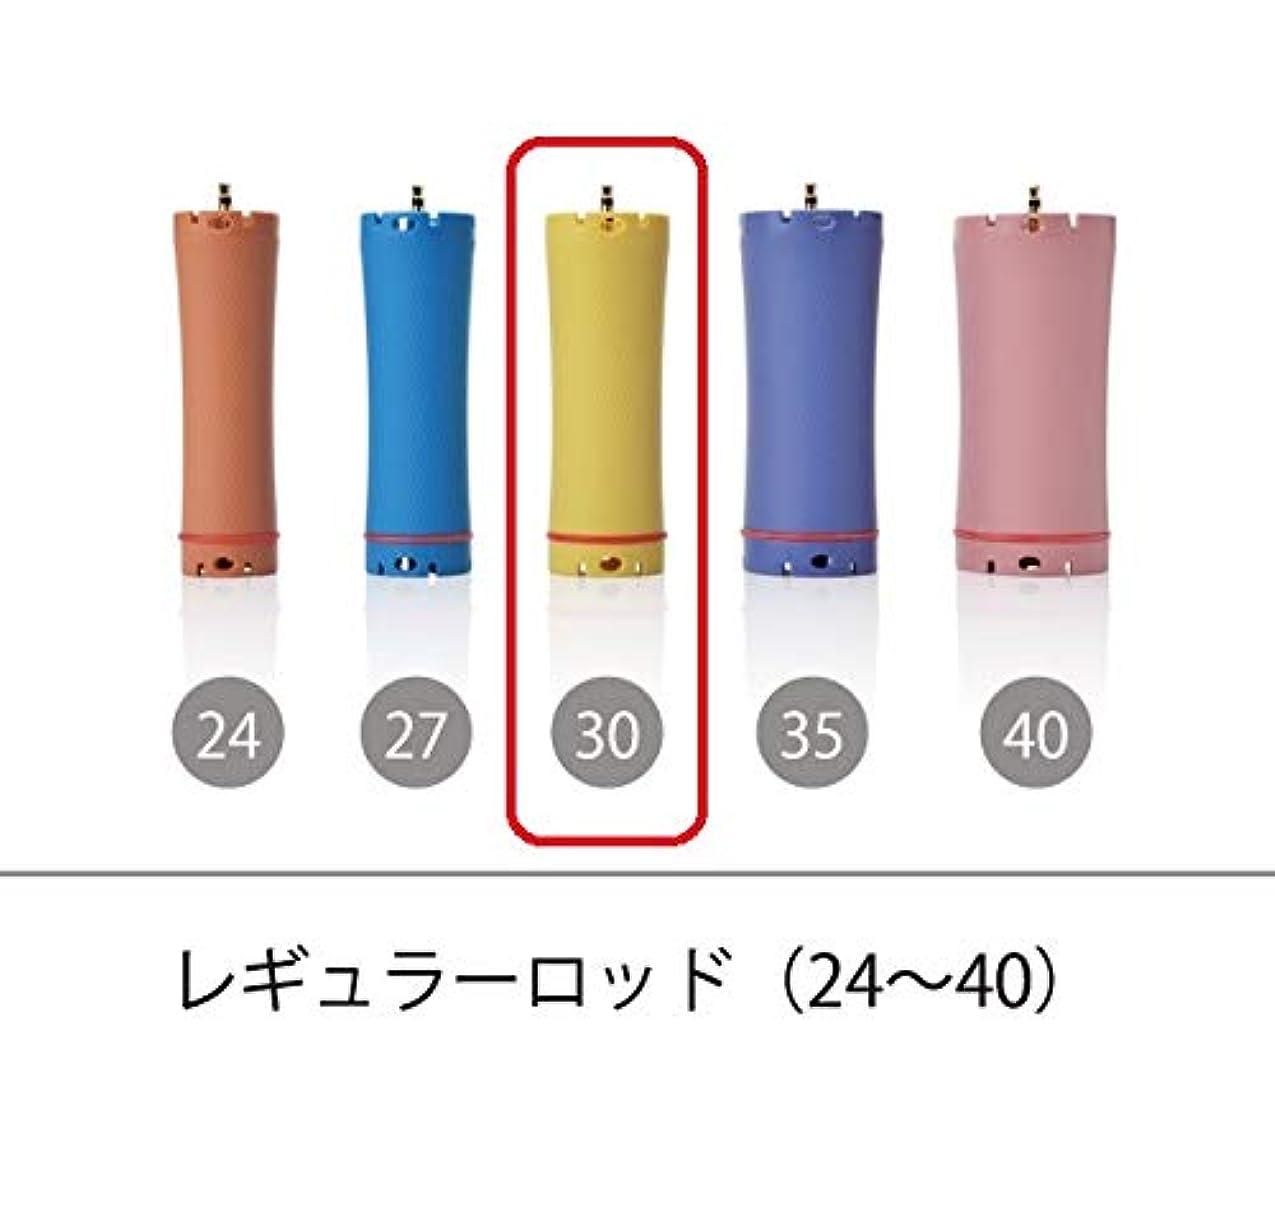 中性ノーブル相反するソキウス 専用ロッド レギュラーロッド 30mm